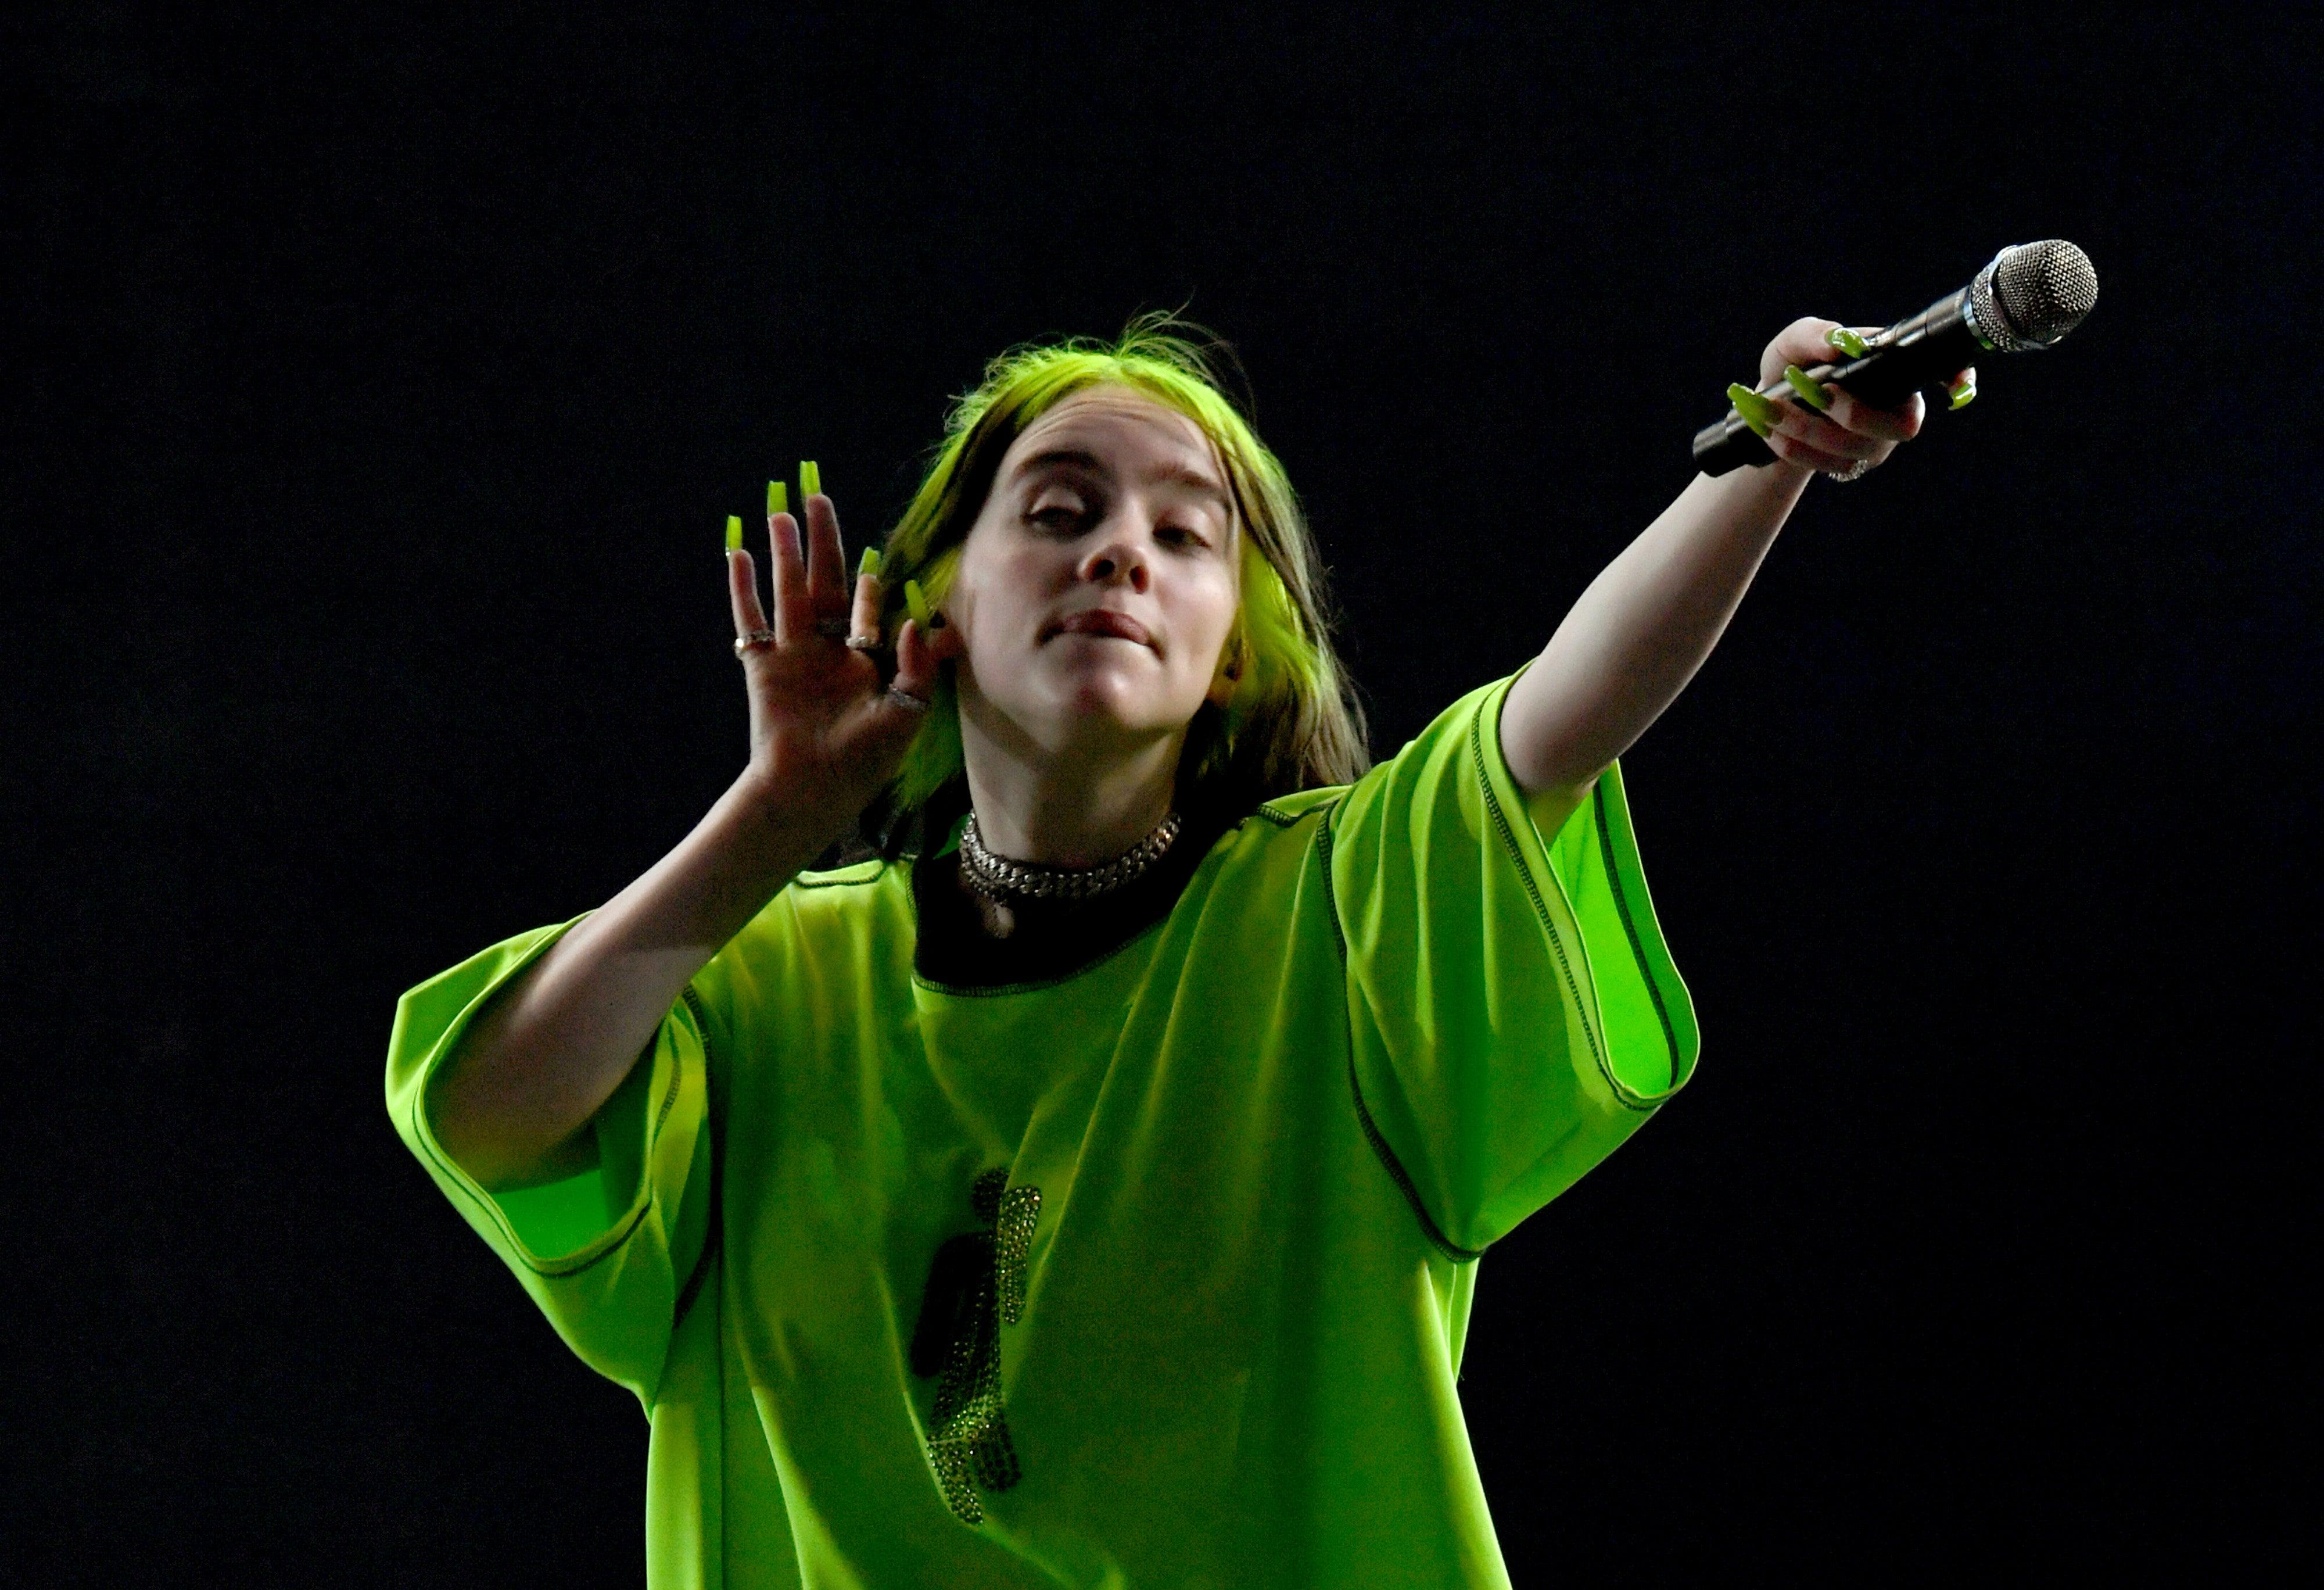 Ano De Chica Adolescente Desnuda billie eilish se desnuda durante un concierto para reflexionar sobre su  cuerpo